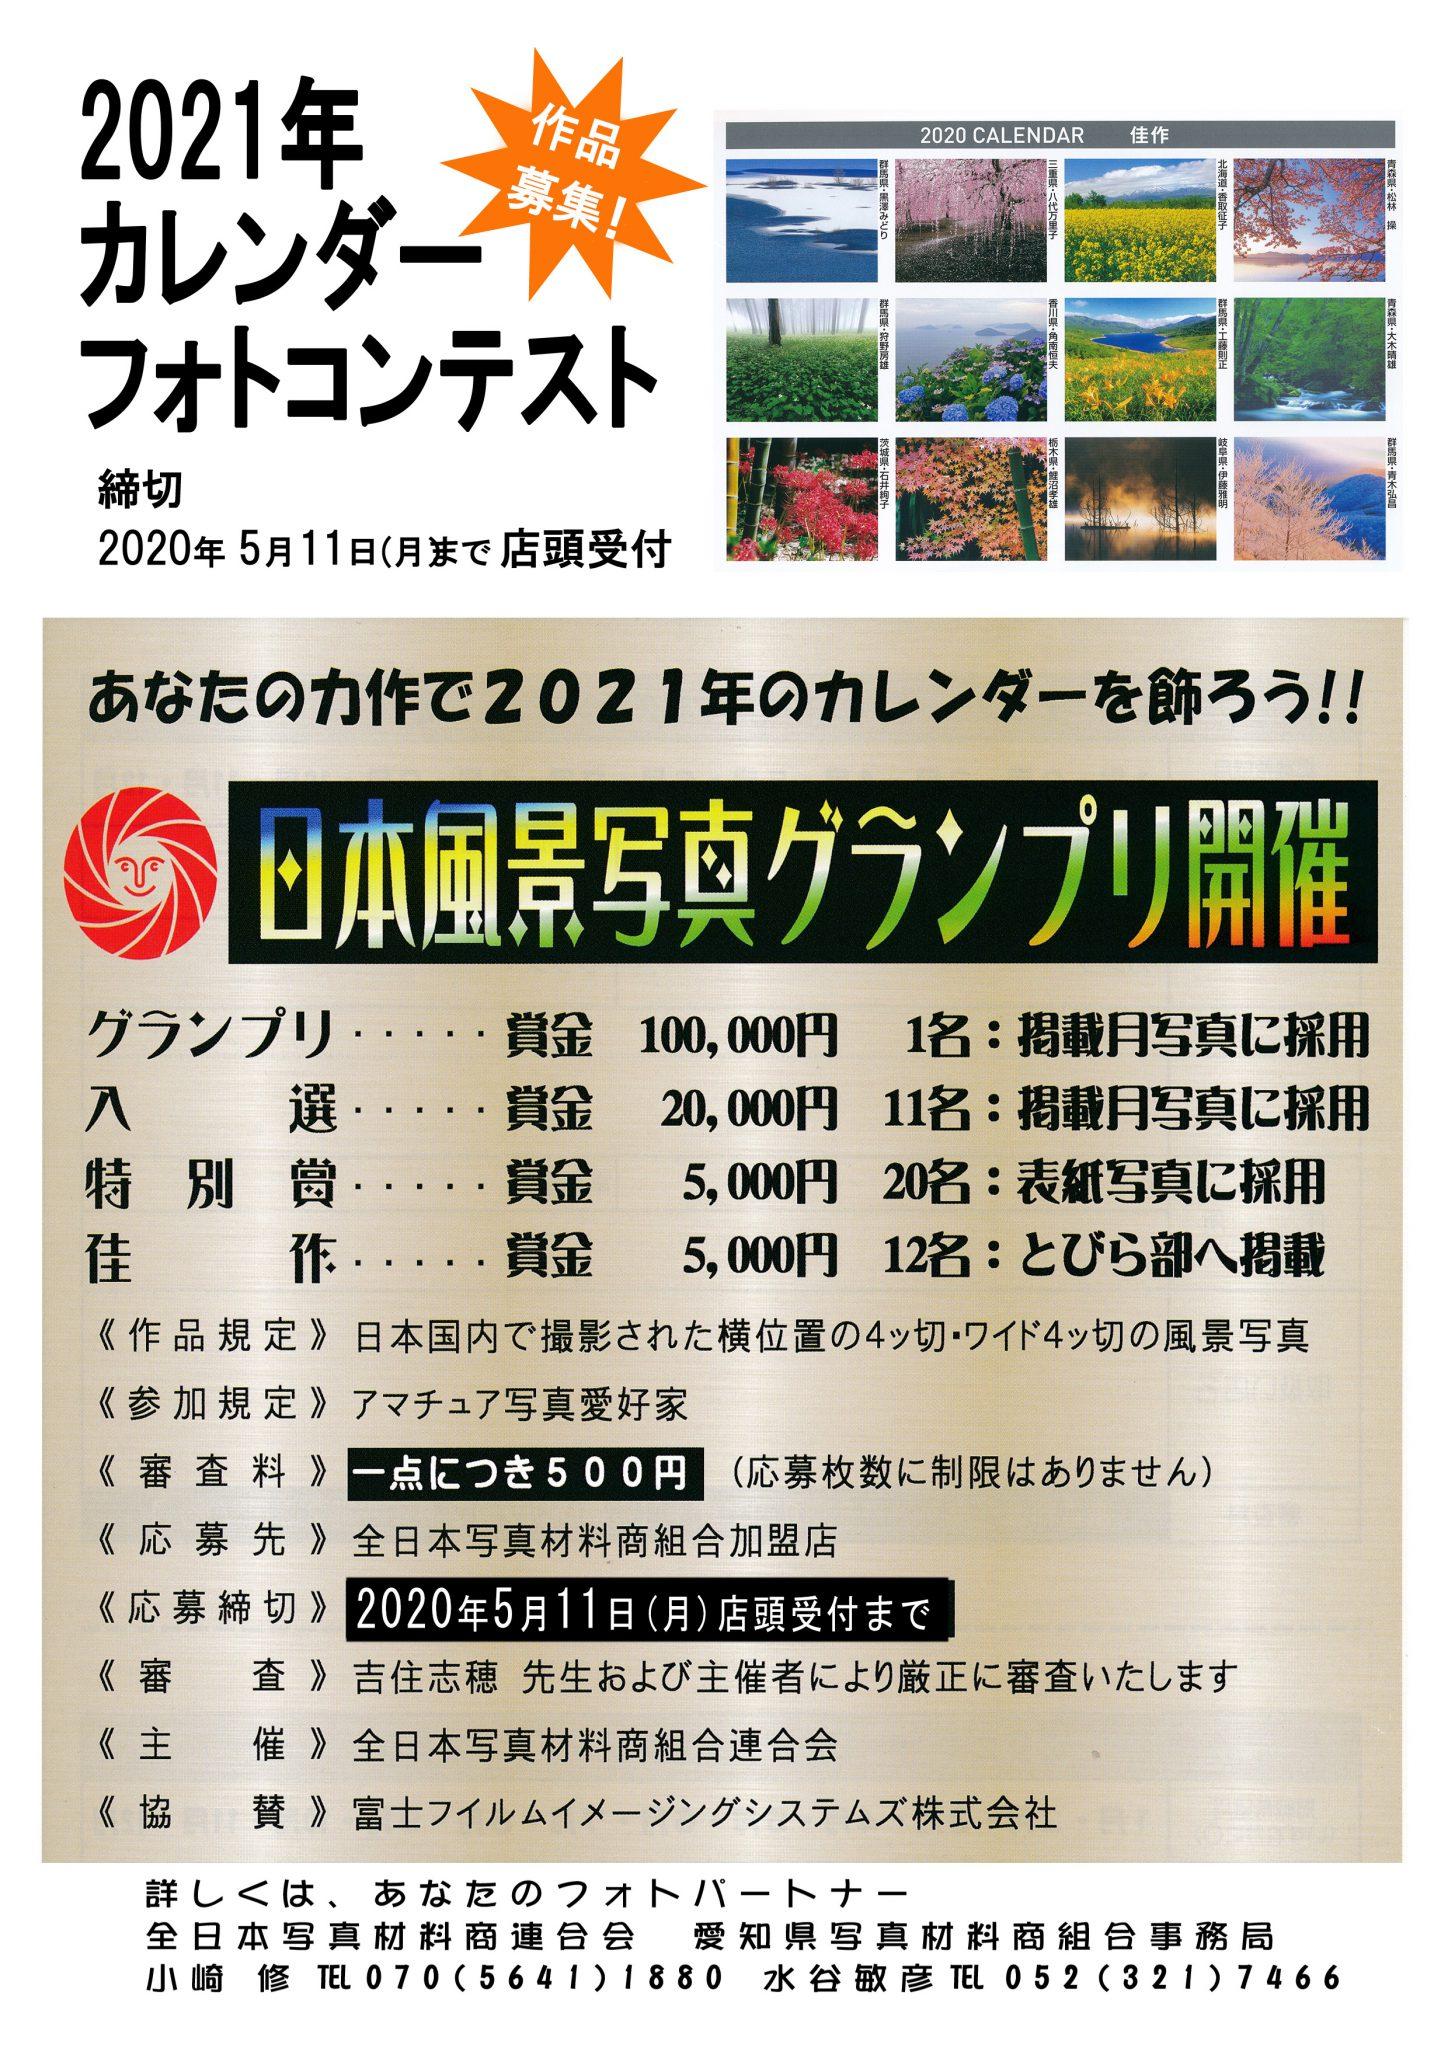 2021年カレンダフォトコンテスト・日本風景写真